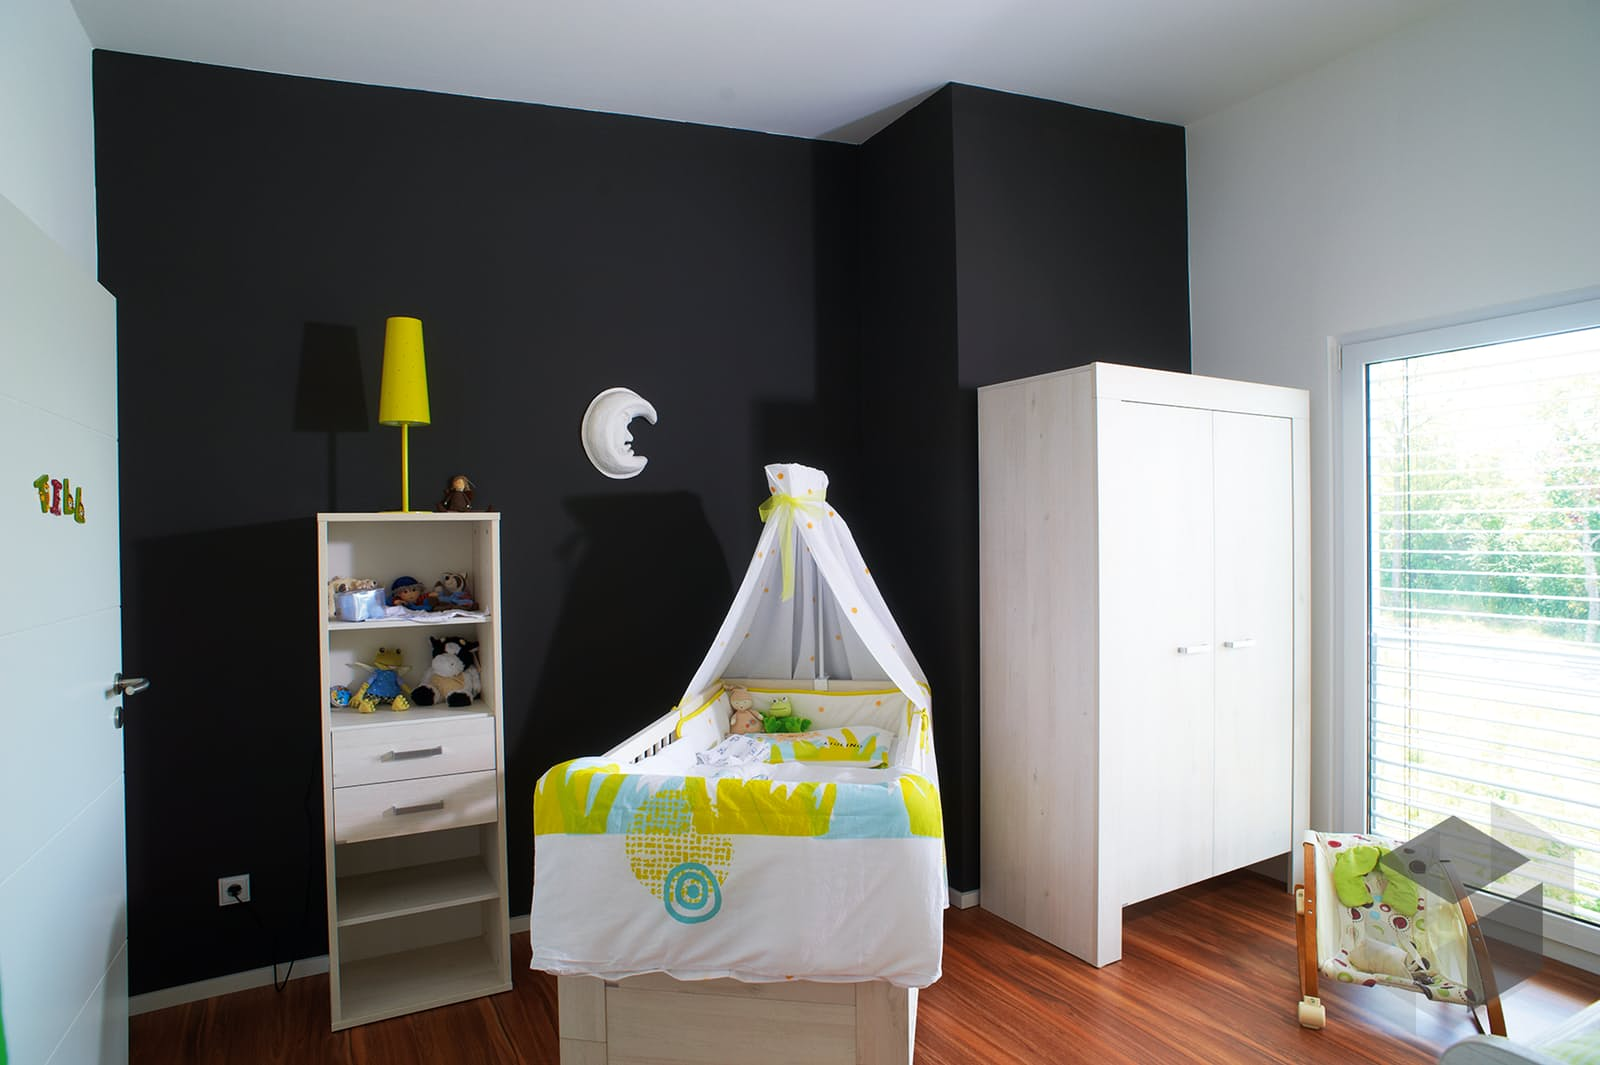 doppelhaus 45 123 von hanse haus. Black Bedroom Furniture Sets. Home Design Ideas